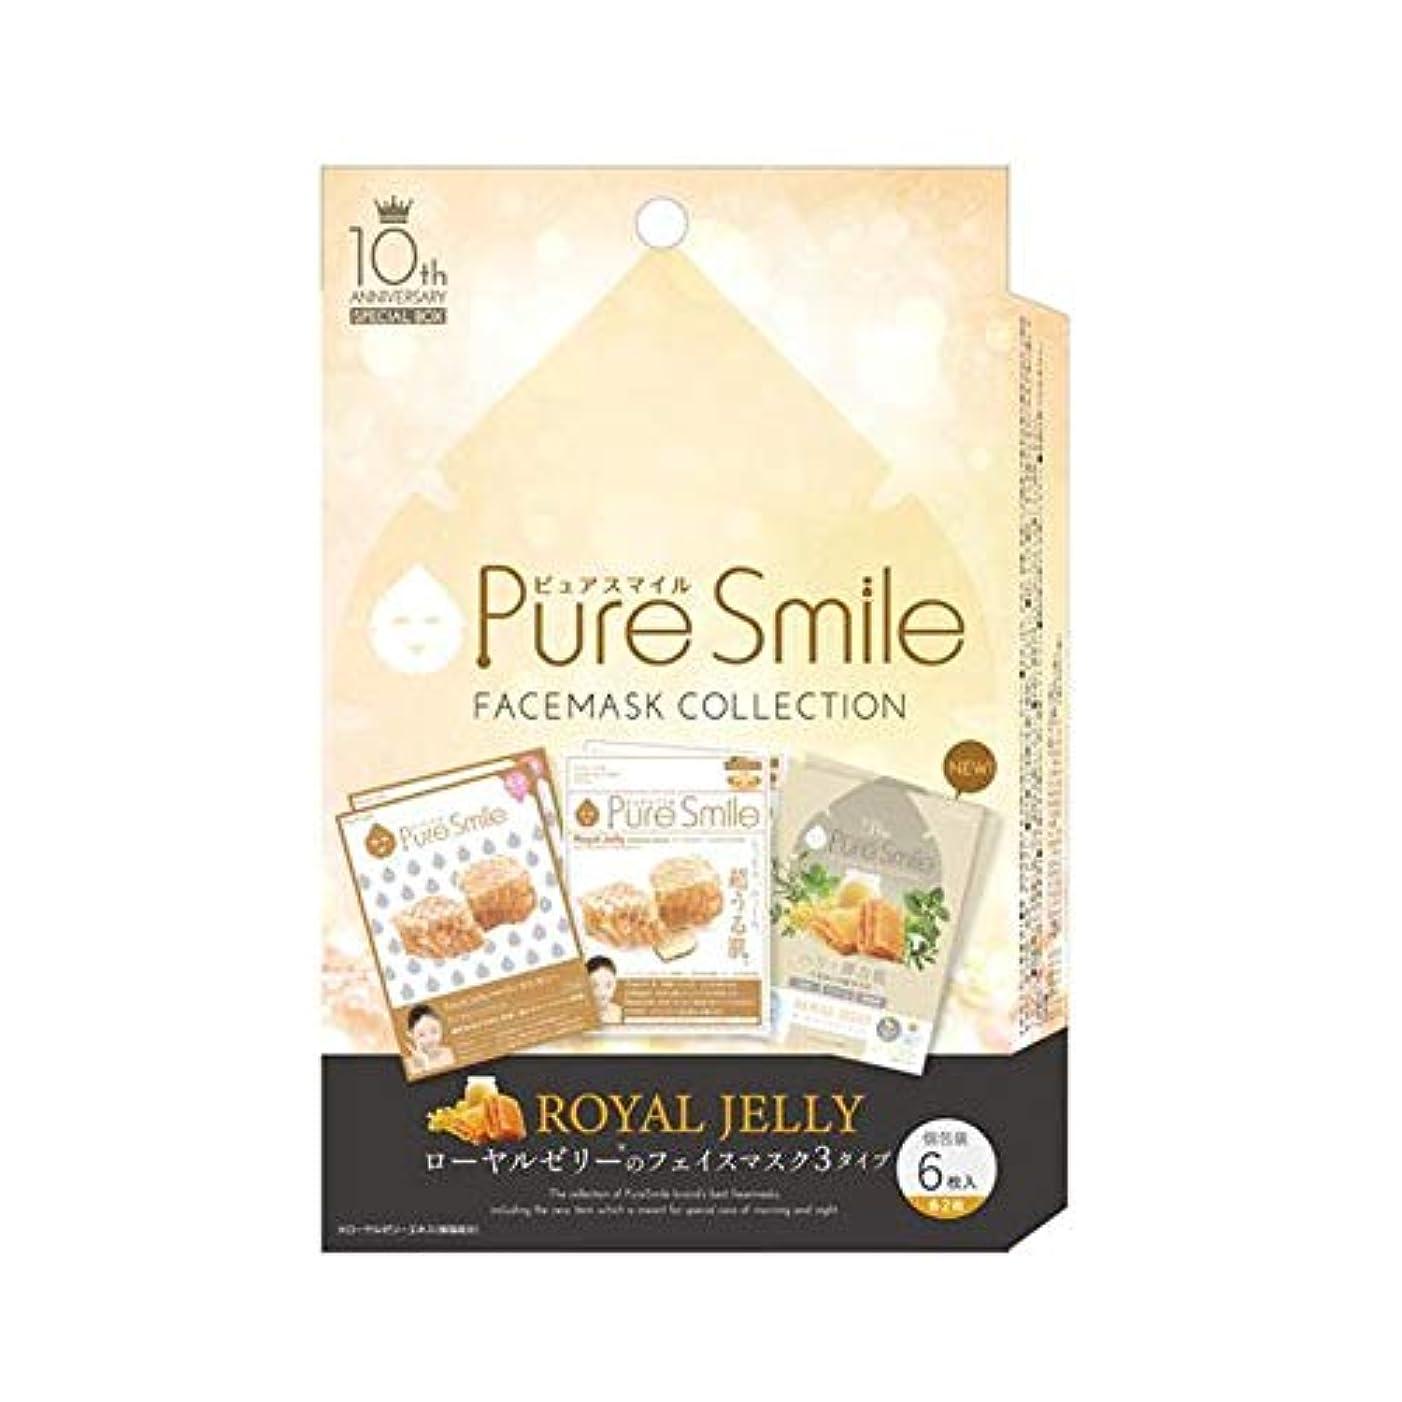 発生する容疑者拍車ピュア スマイル Pure Smile 10thアニバーサリー スペシャルボックス ローヤルゼリーエキス 6枚入り